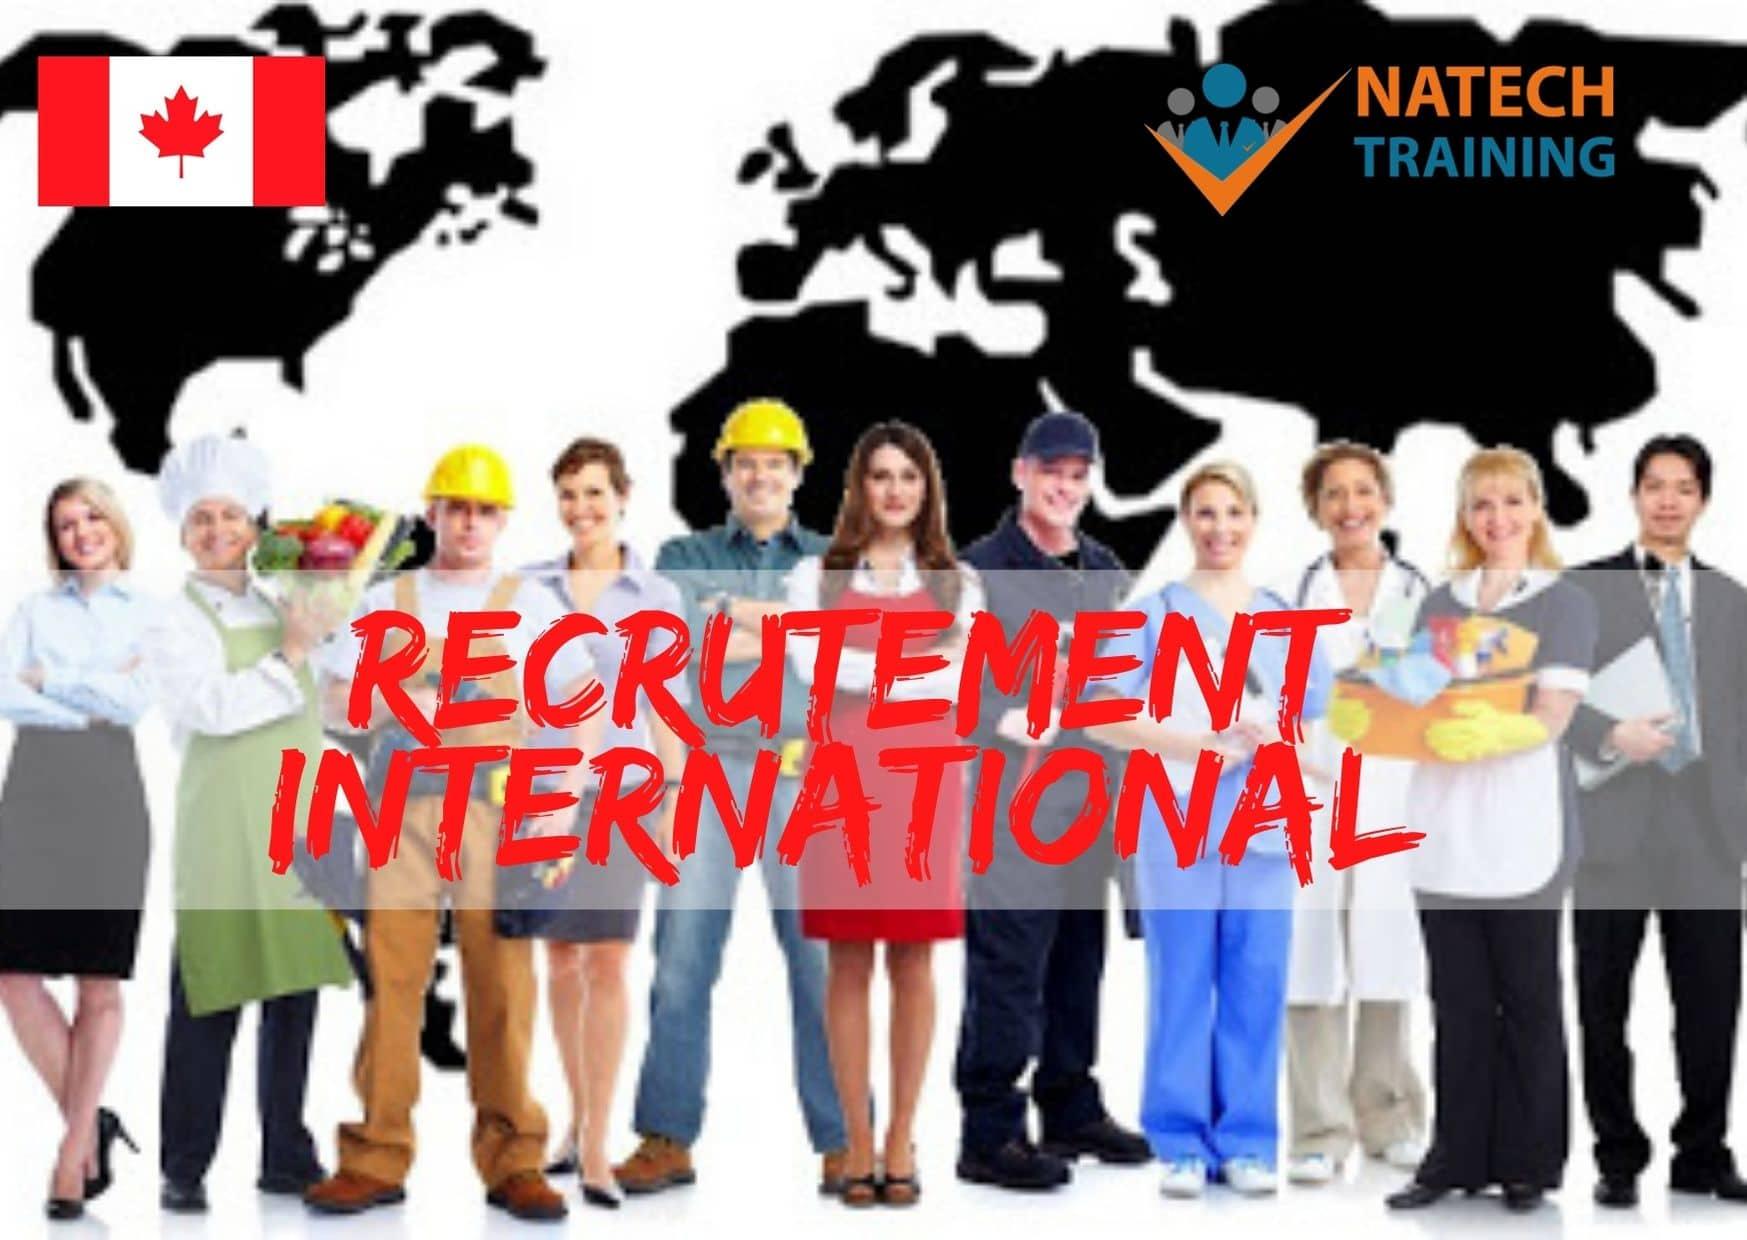 Le role de Natech training dans le recrutement international